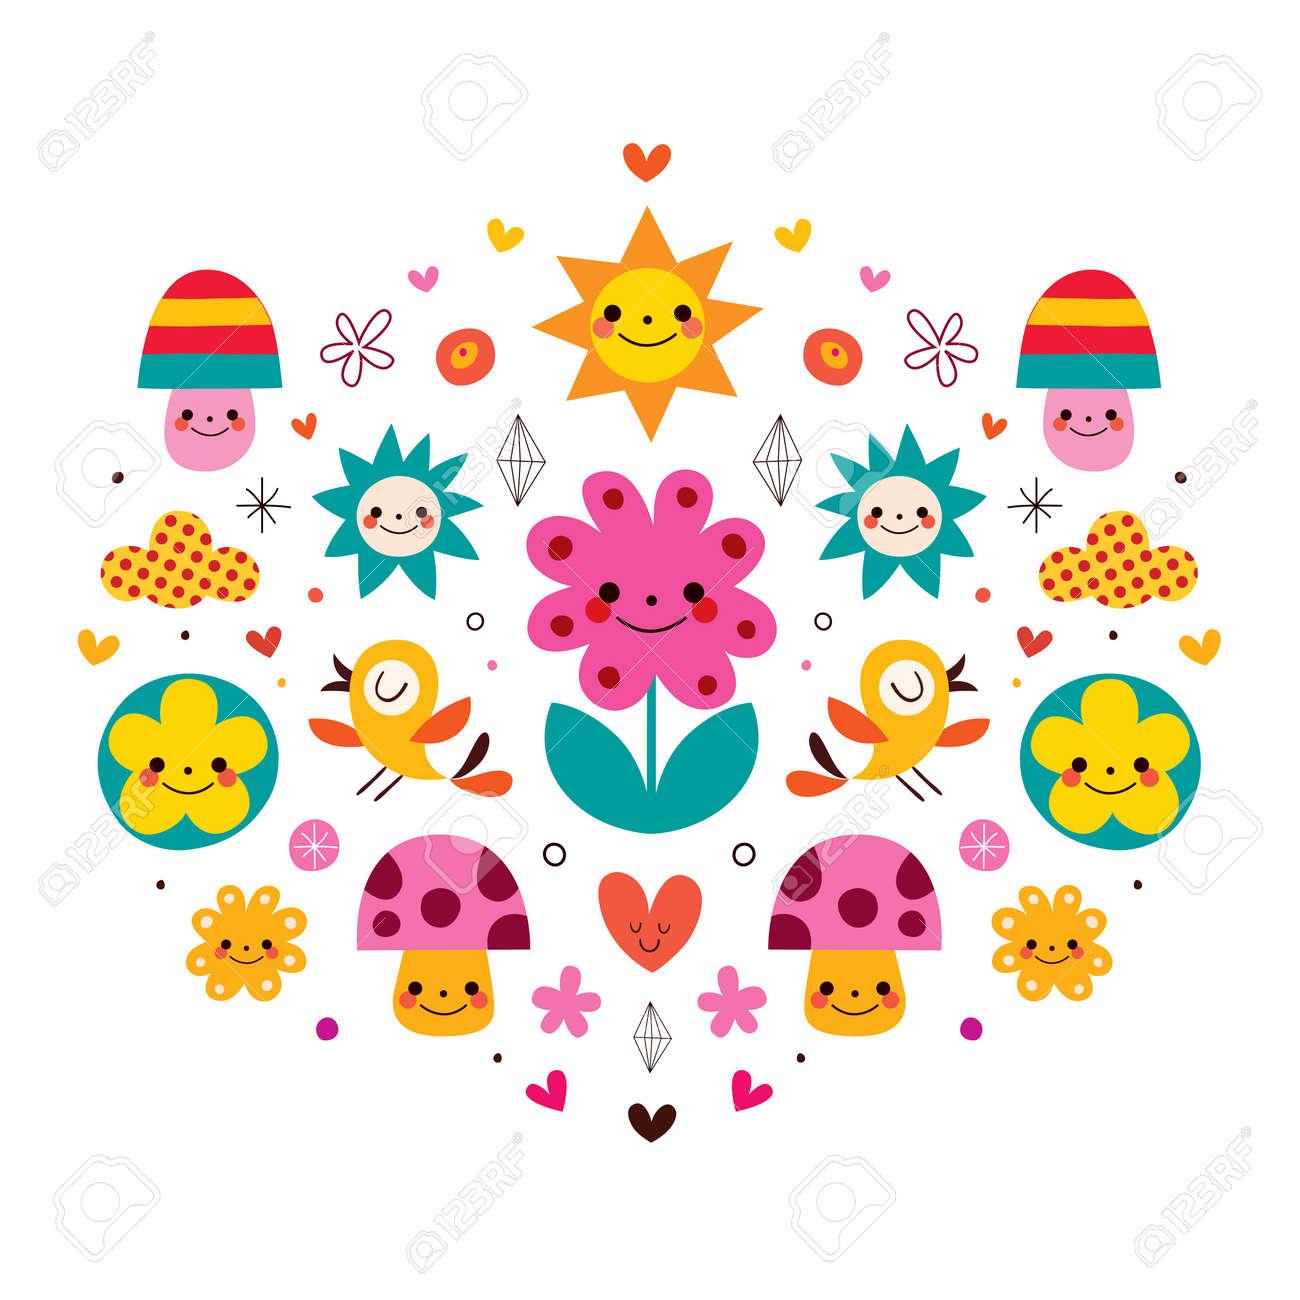 かわいい漫画のきのこ花ハート 鳥自然のイラストのイラスト素材